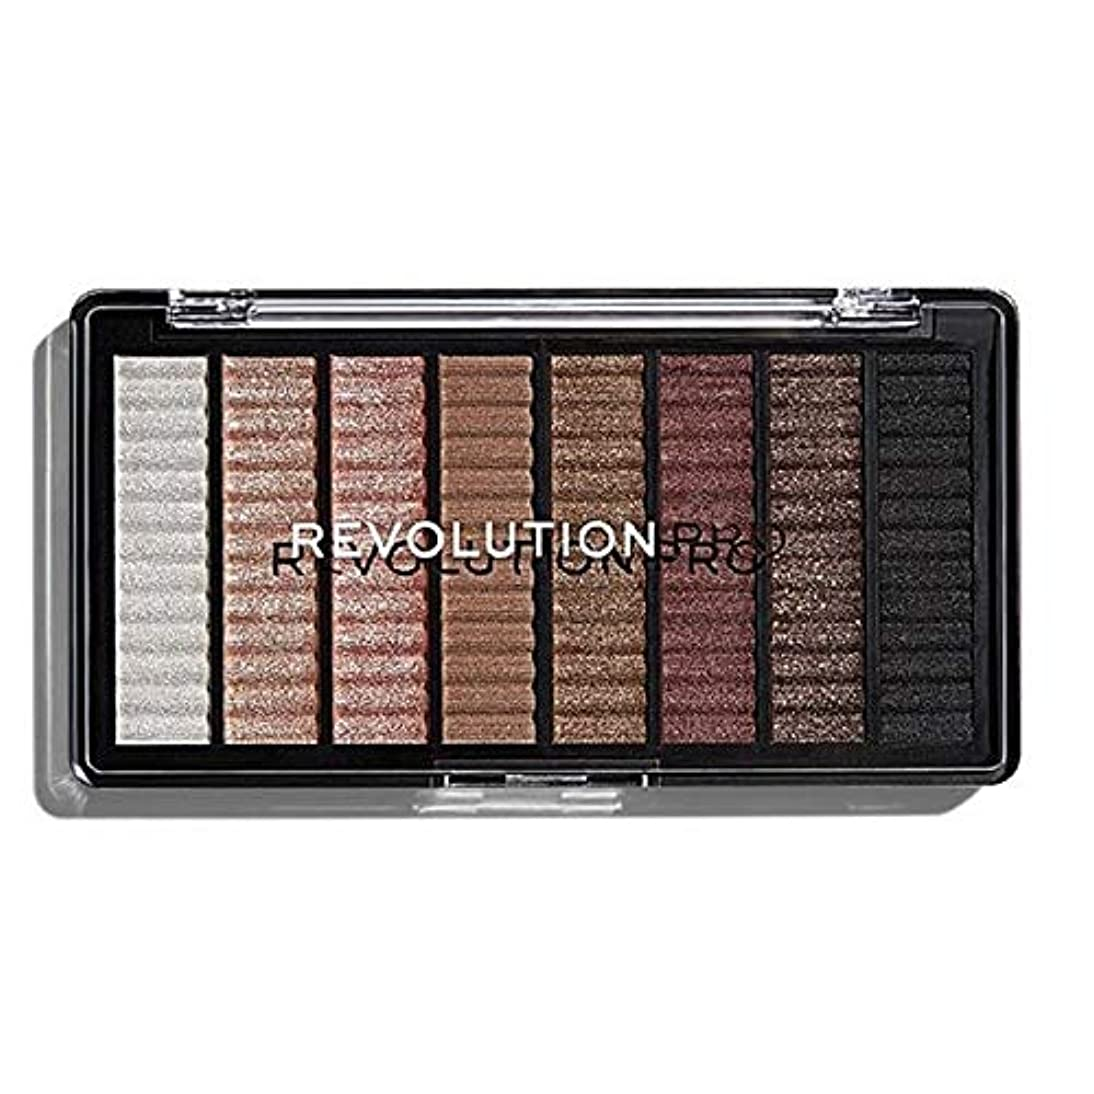 試みアテンダント小数[Revolution ] 革命プロ最高のCaptivateアイシャドウパレット - Revolution Pro Supreme Captivate Eye Shadow Palette [並行輸入品]